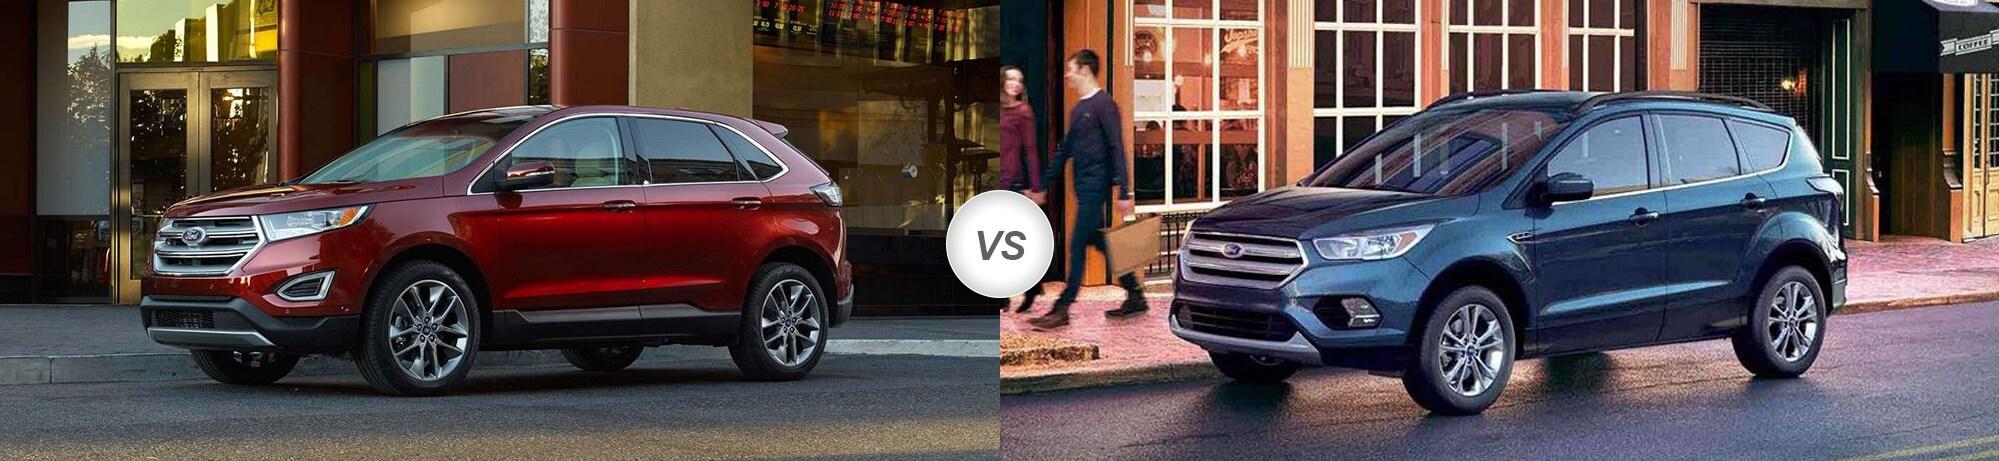 2018 Ford Edge vs 2018 Ford Escape